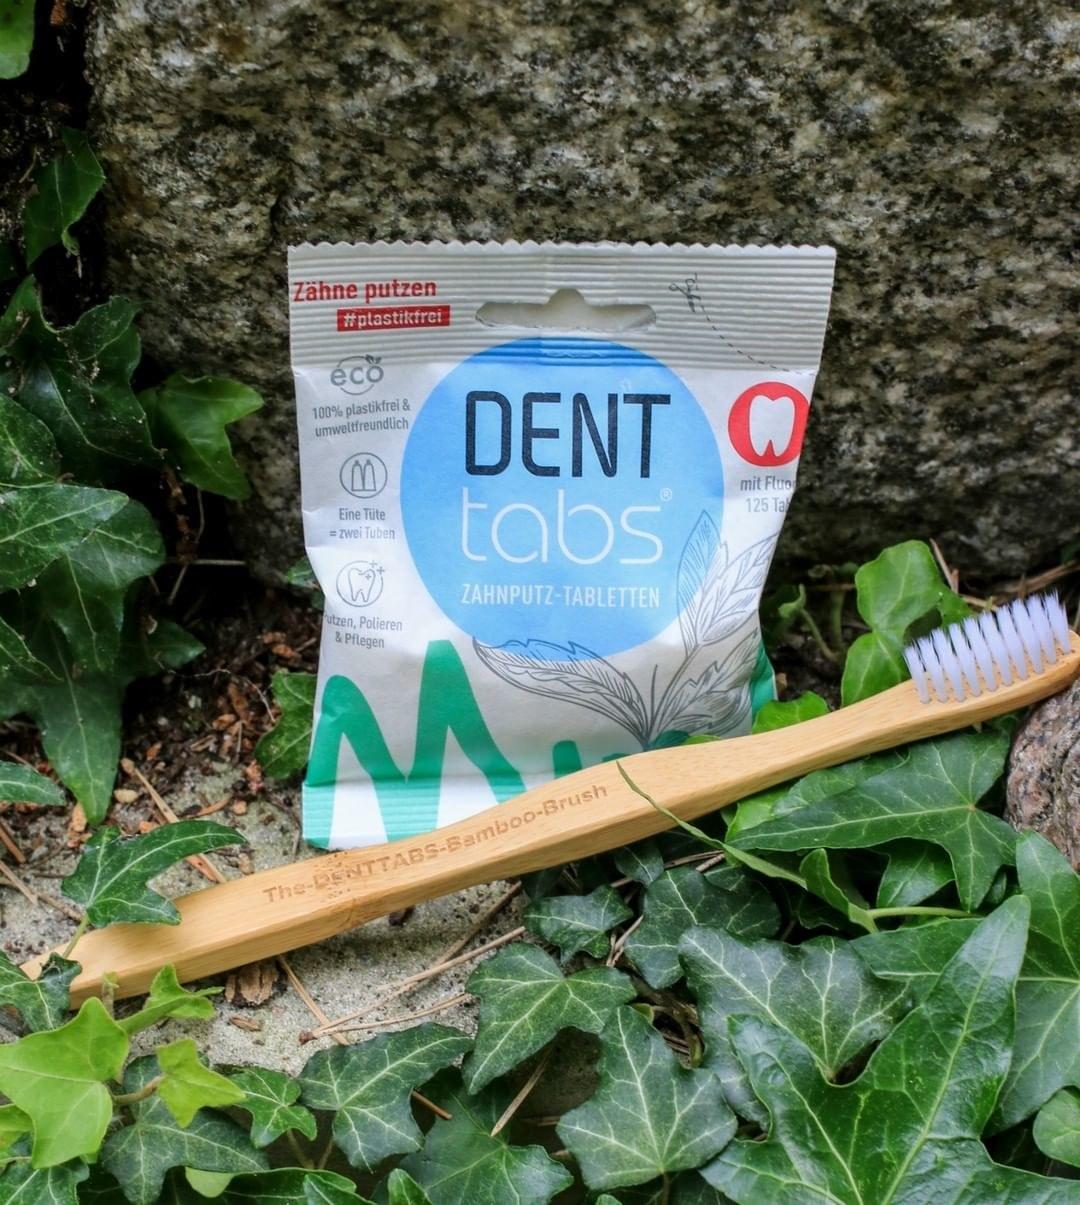 bag of dental tabs next to toothbrush